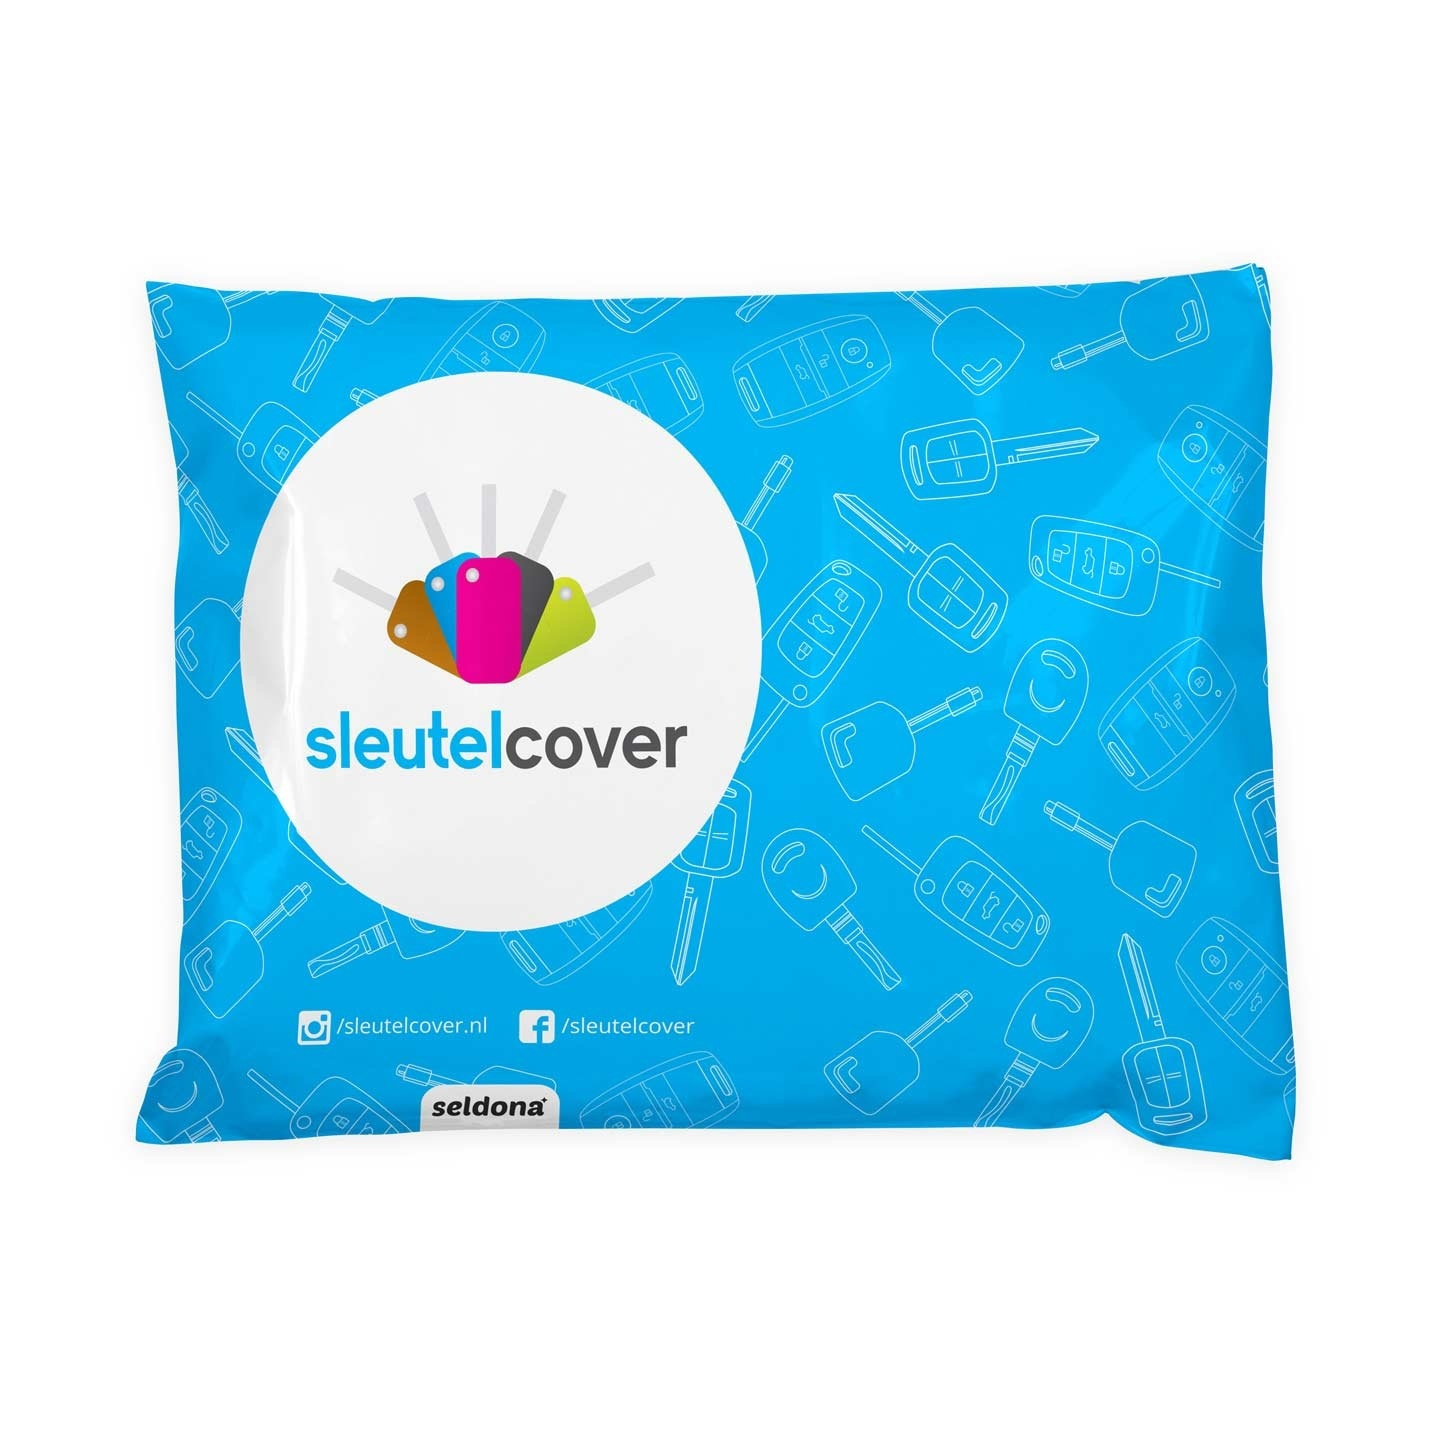 Kia SleutelCover - Roze / Silicone sleutelhoesje / beschermhoesje autosleutel